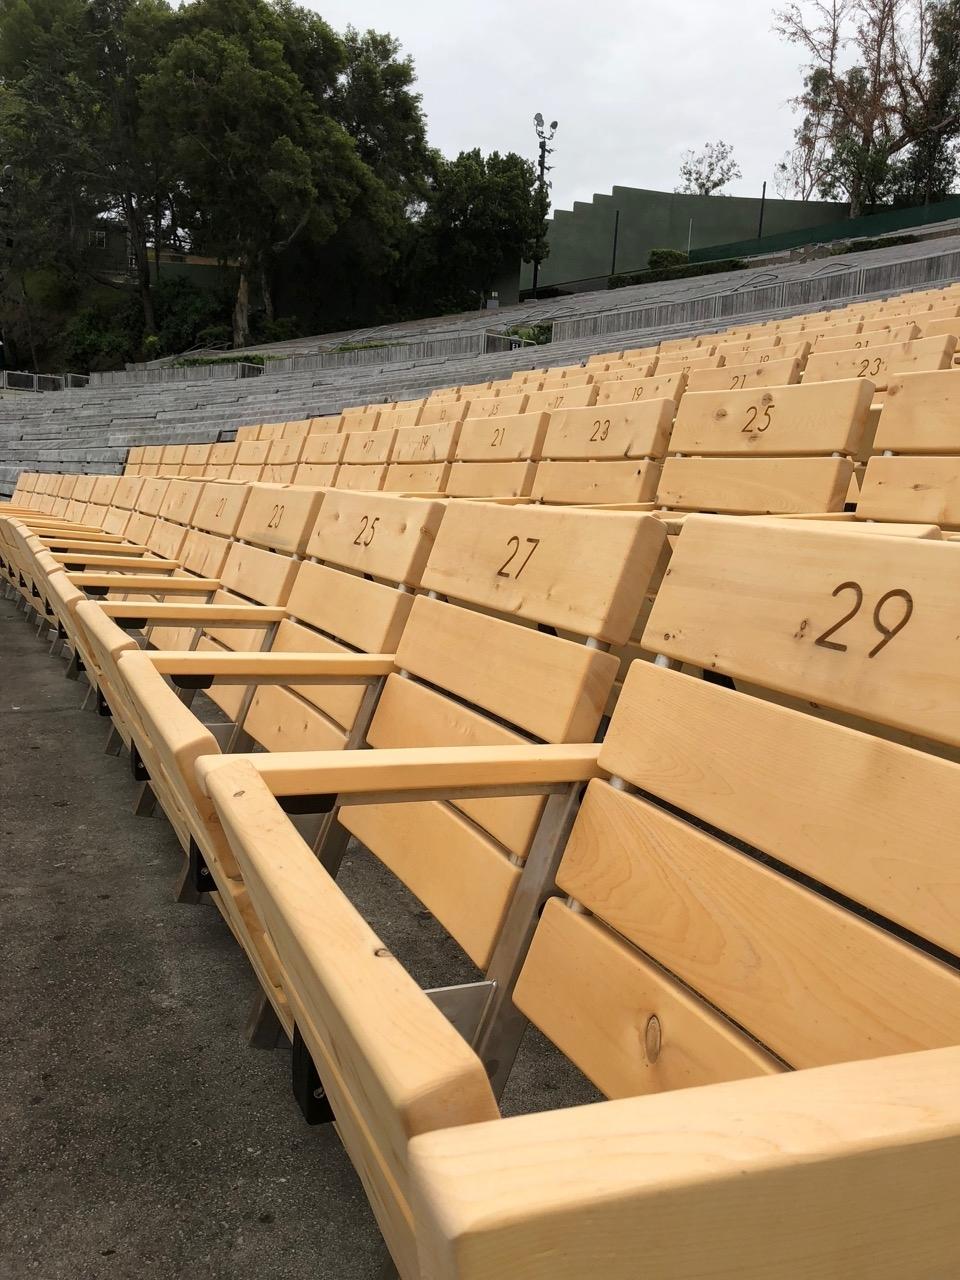 Hollywood Bowl Super Seats Get A Makeover - Hollywood Bowl Tips within Hollywood Bowl Seating Chart Super Seats